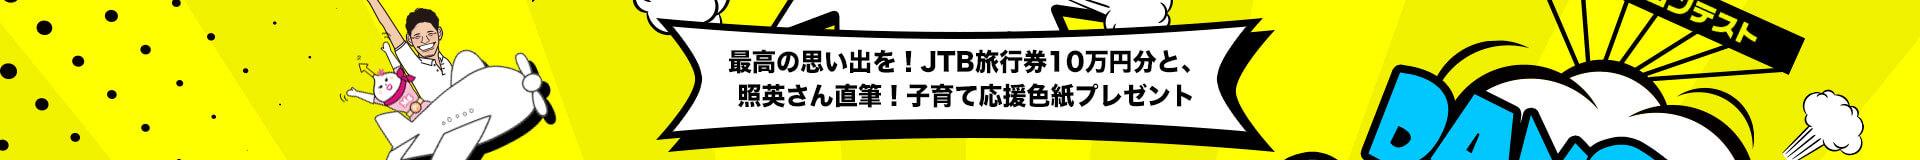 最高の思い出を!JTB旅行券10万円分と、照英さん直筆!子育て応援色紙プレゼント